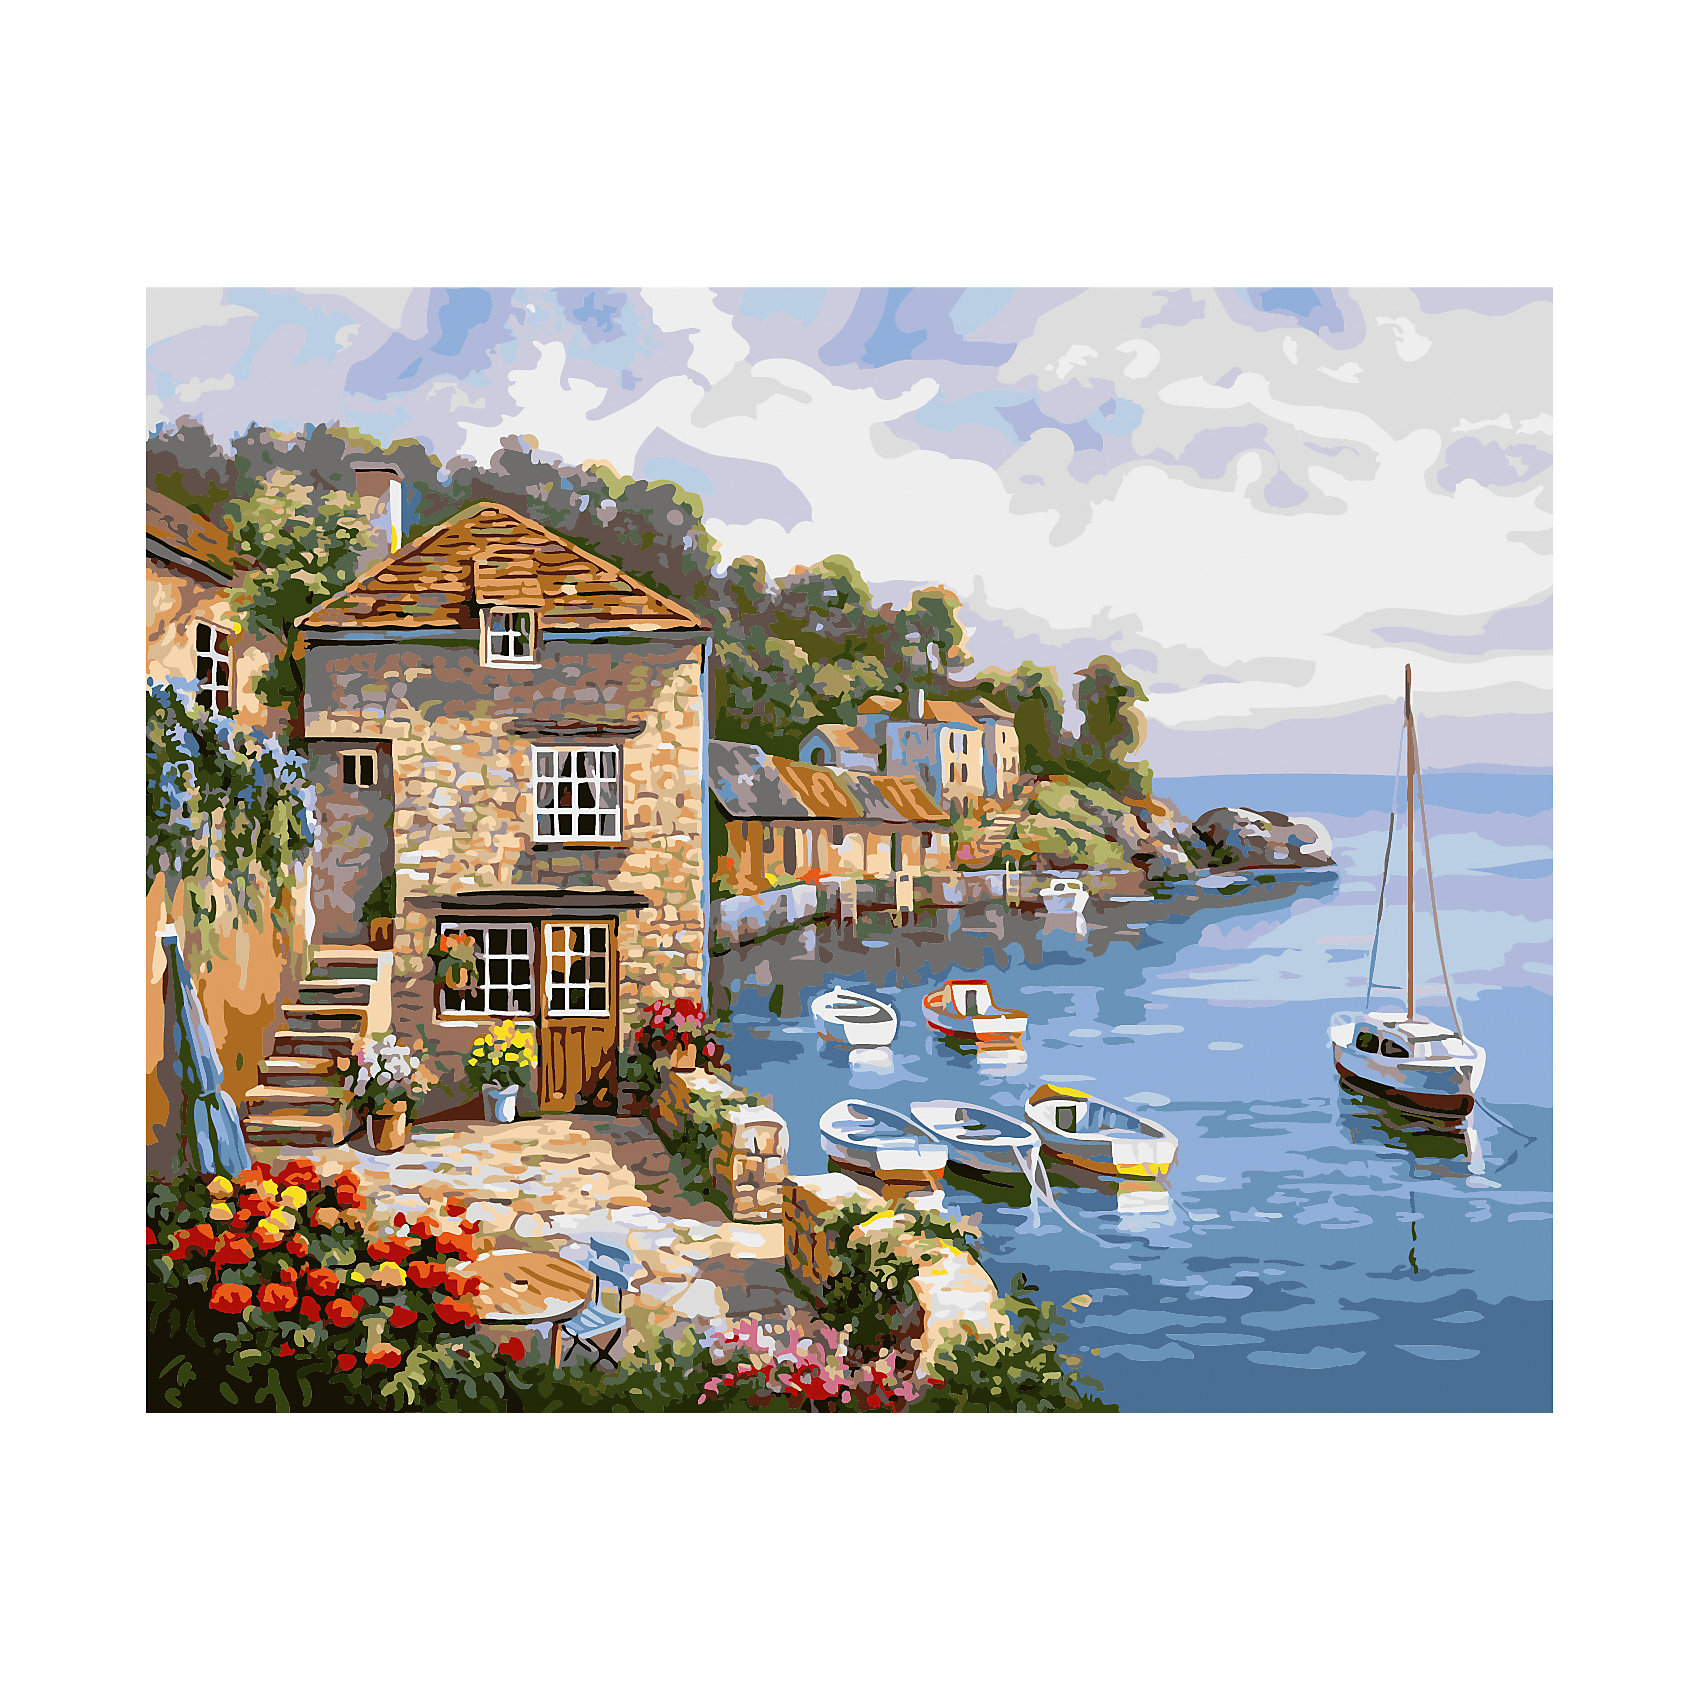 TUKZAR Роспись по номерам Каменный домик у моря 40*50 см наборы для рисования цветной картины по номерам девушка на фоне моря